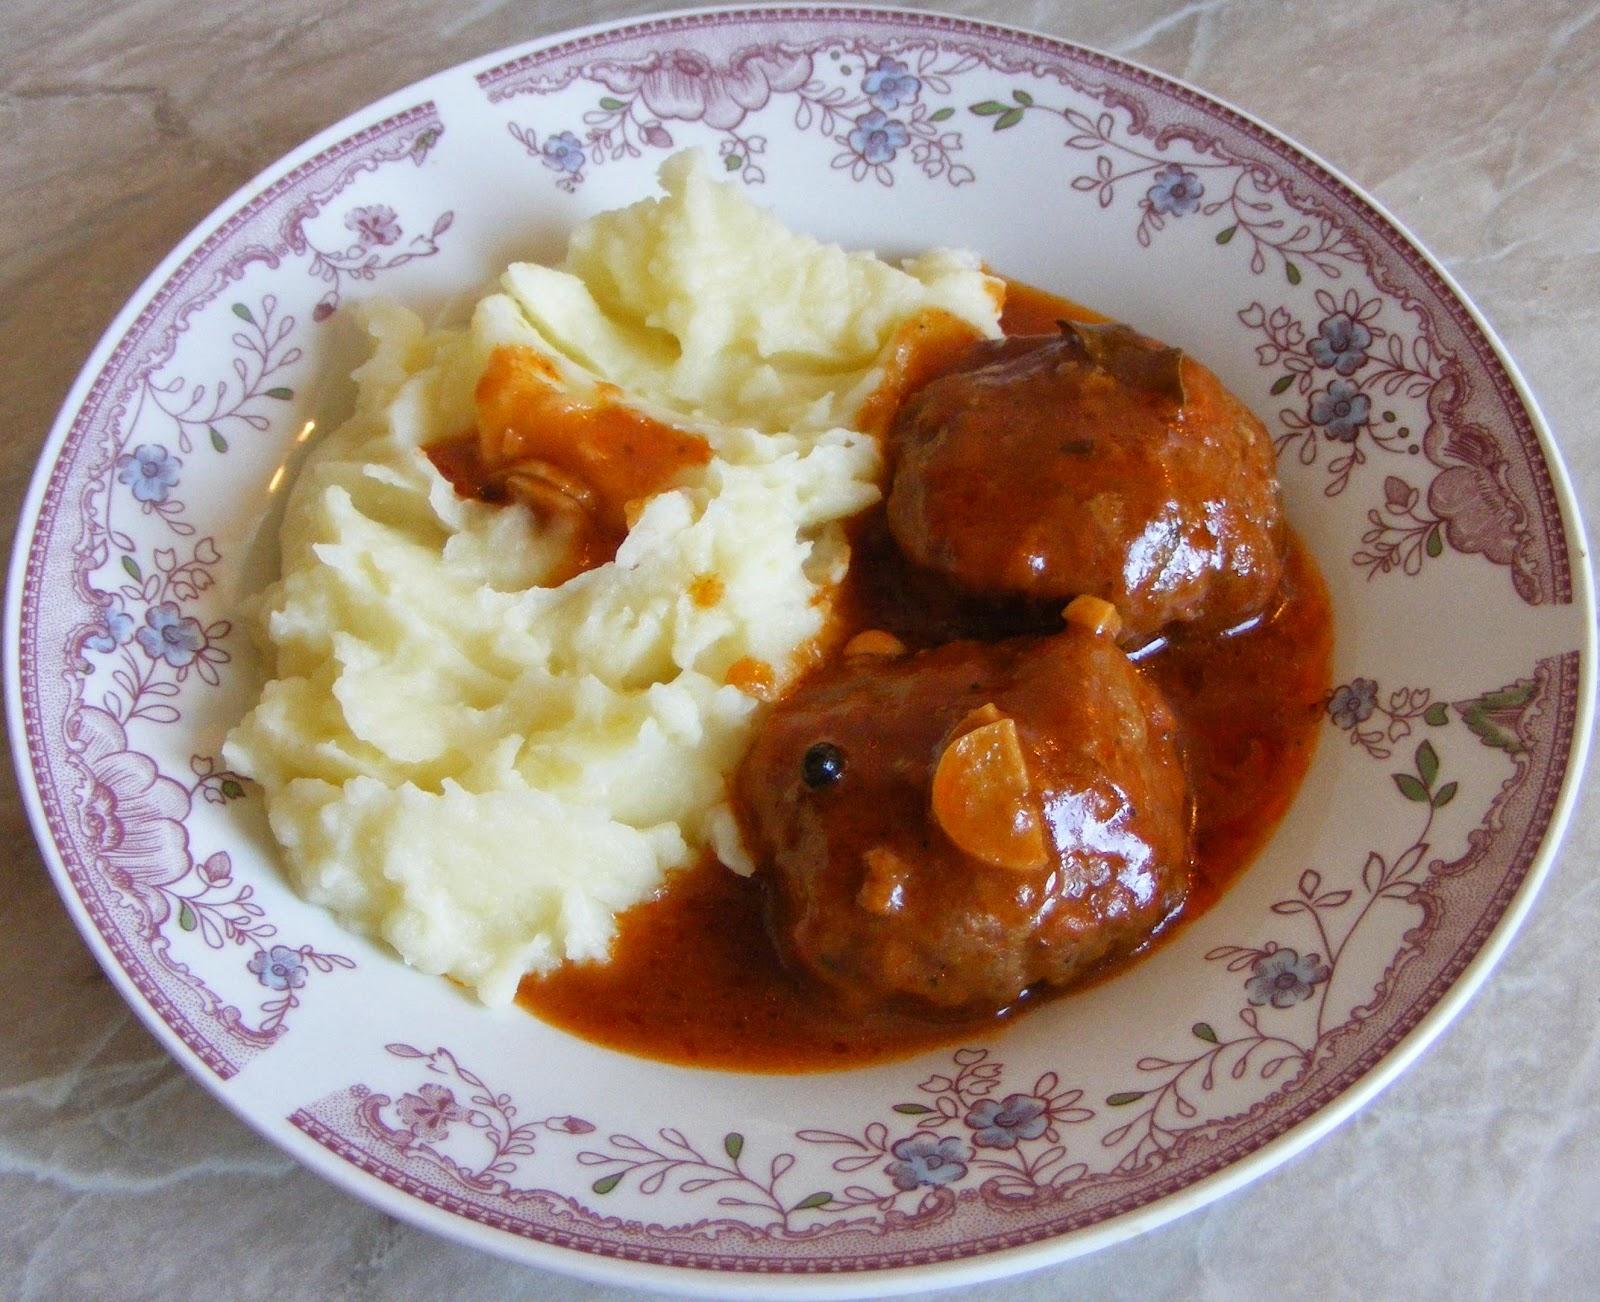 chiftele, chiftele marinate, chiftelute marinate, retete mancare, retete de mancare, chiftele cu sos, chiftelute cu sos, chiftele cu sos si piure de cartofi, chiftele marinate cu piure de cartofi, retete culinare,